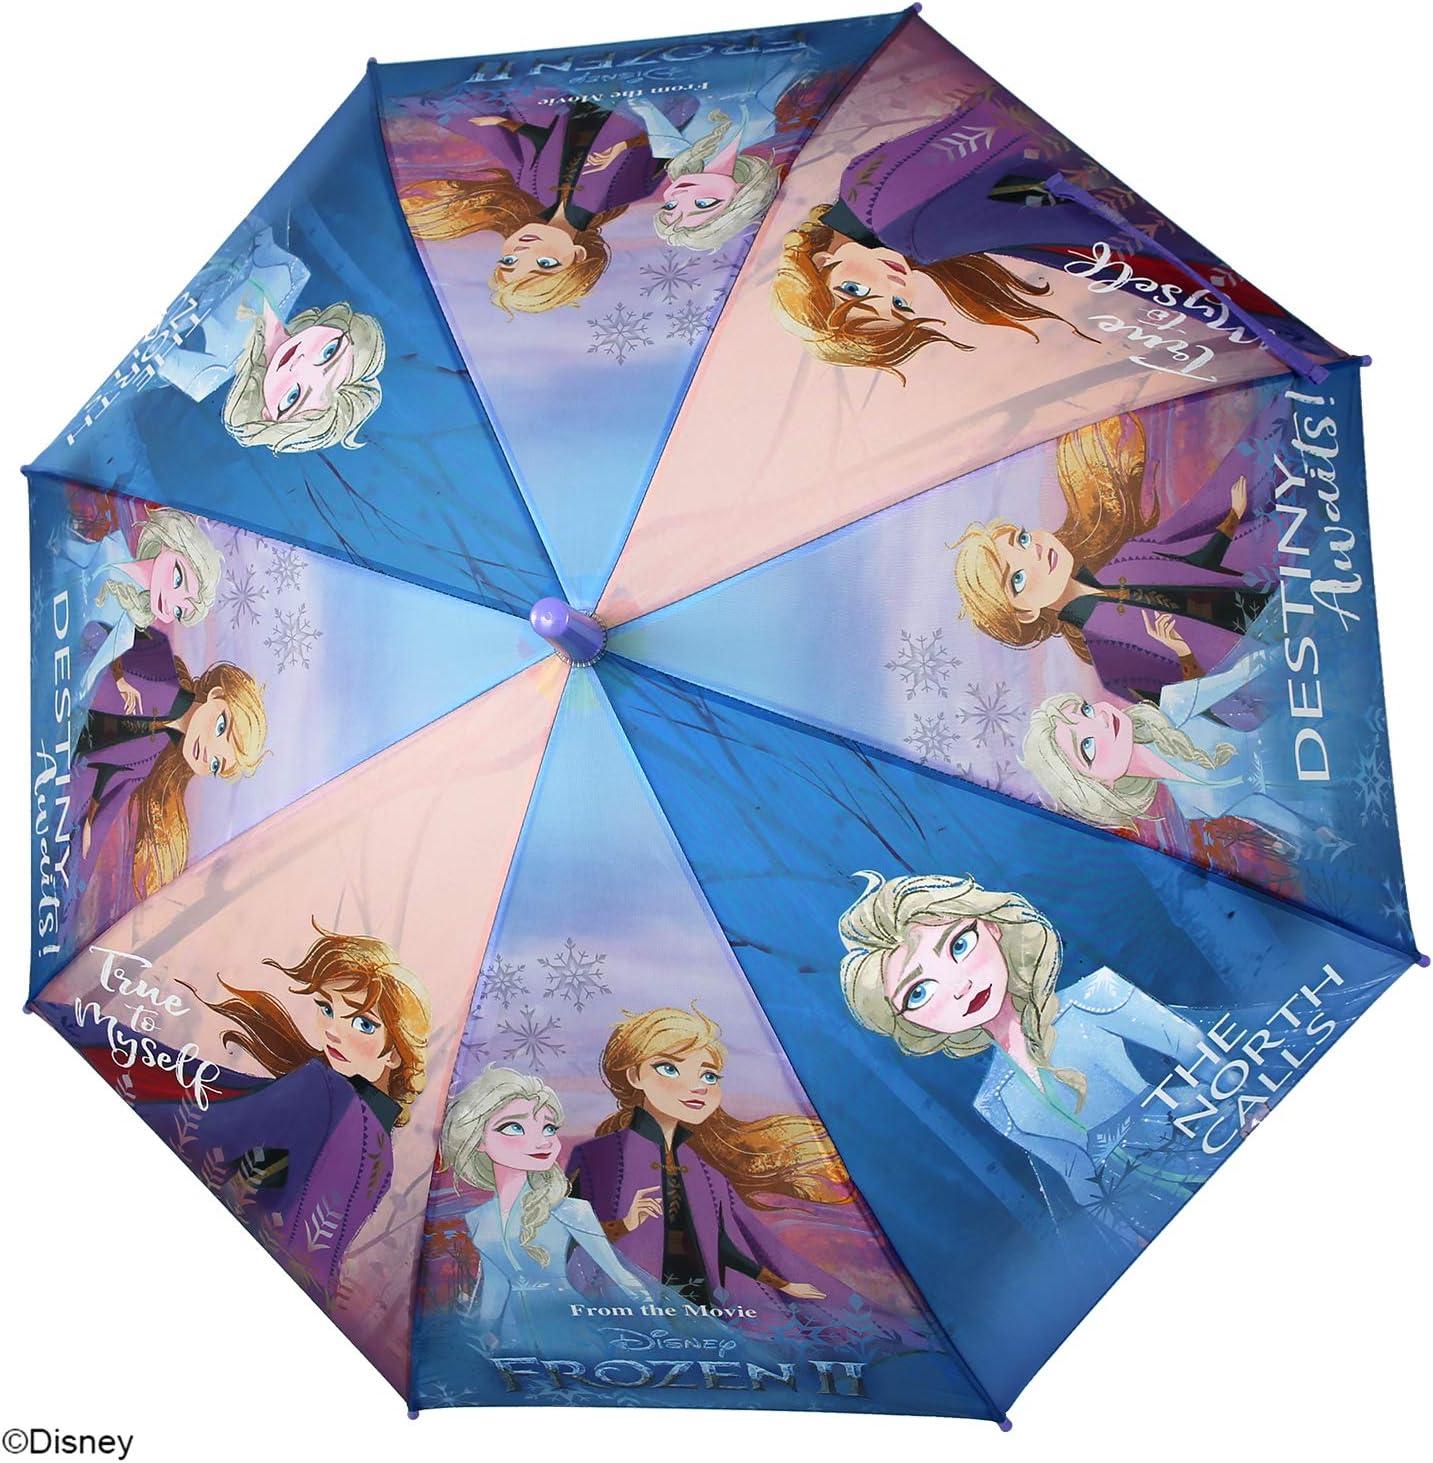 Diam/ètre 85 cm Parapluie Automatique Fillette 6//8 Ans Parapluie Frozen 2 Anna et Elsa Enfants Perletti La Reine des Neiges II Accessoires de Pluie Parapluie Disney Princesse Petite Fille